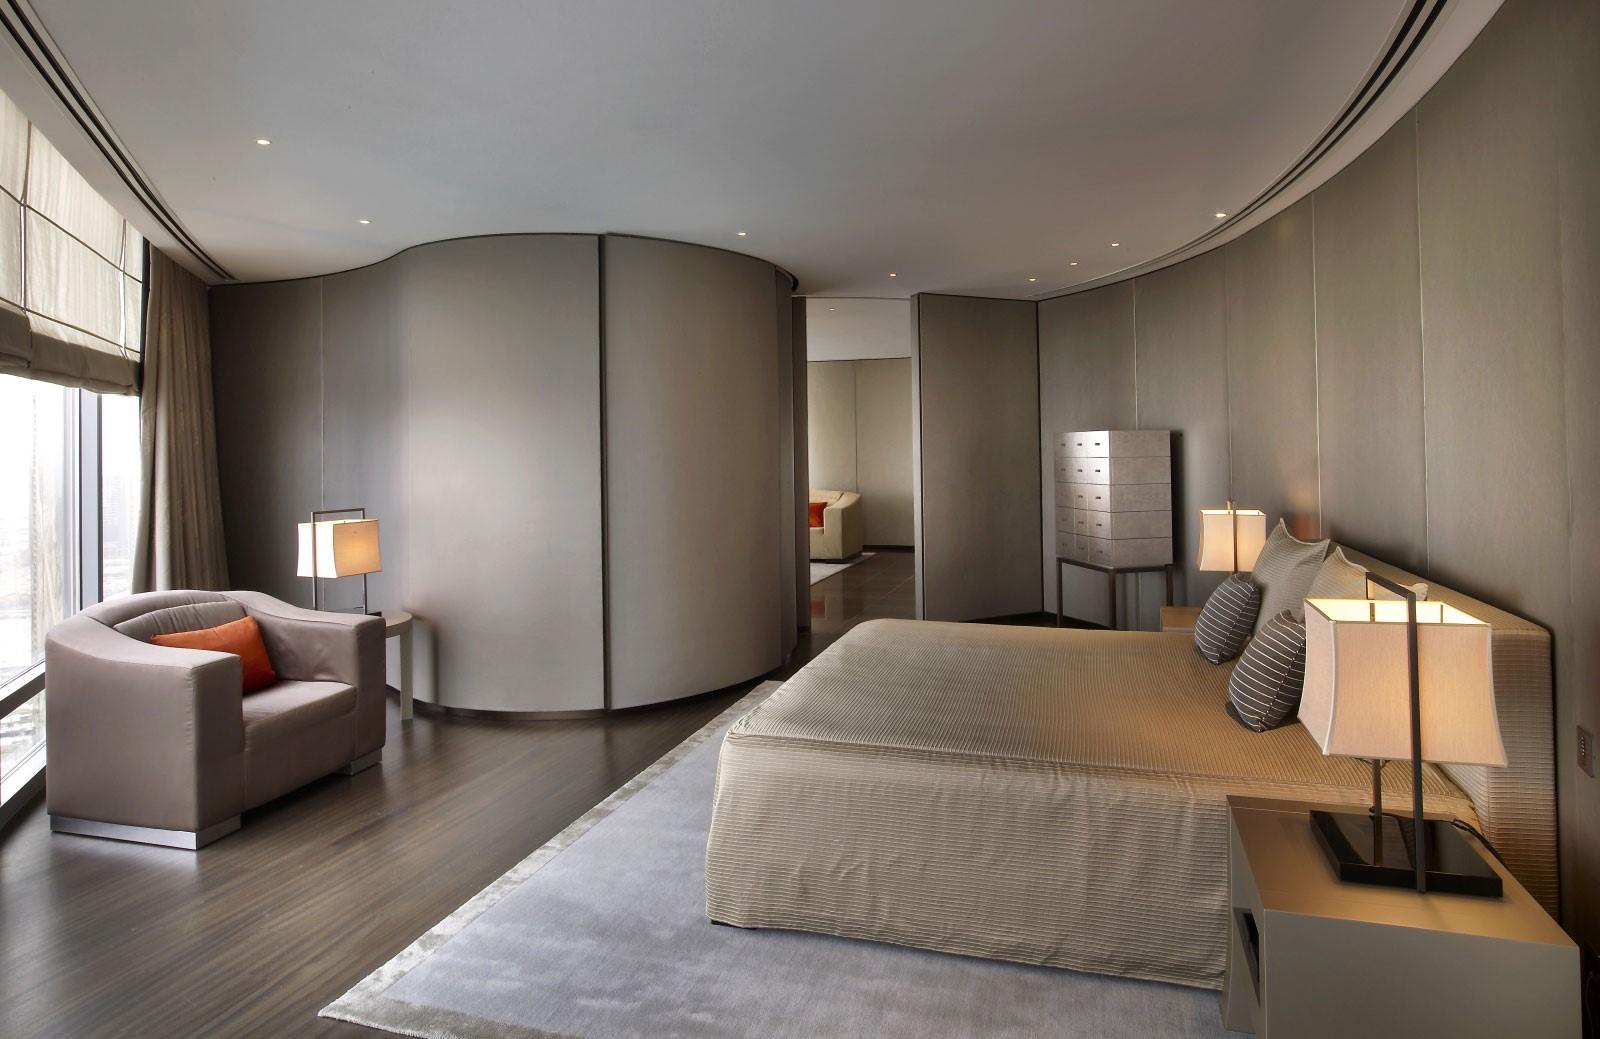 Aurmani Hotel Dubai